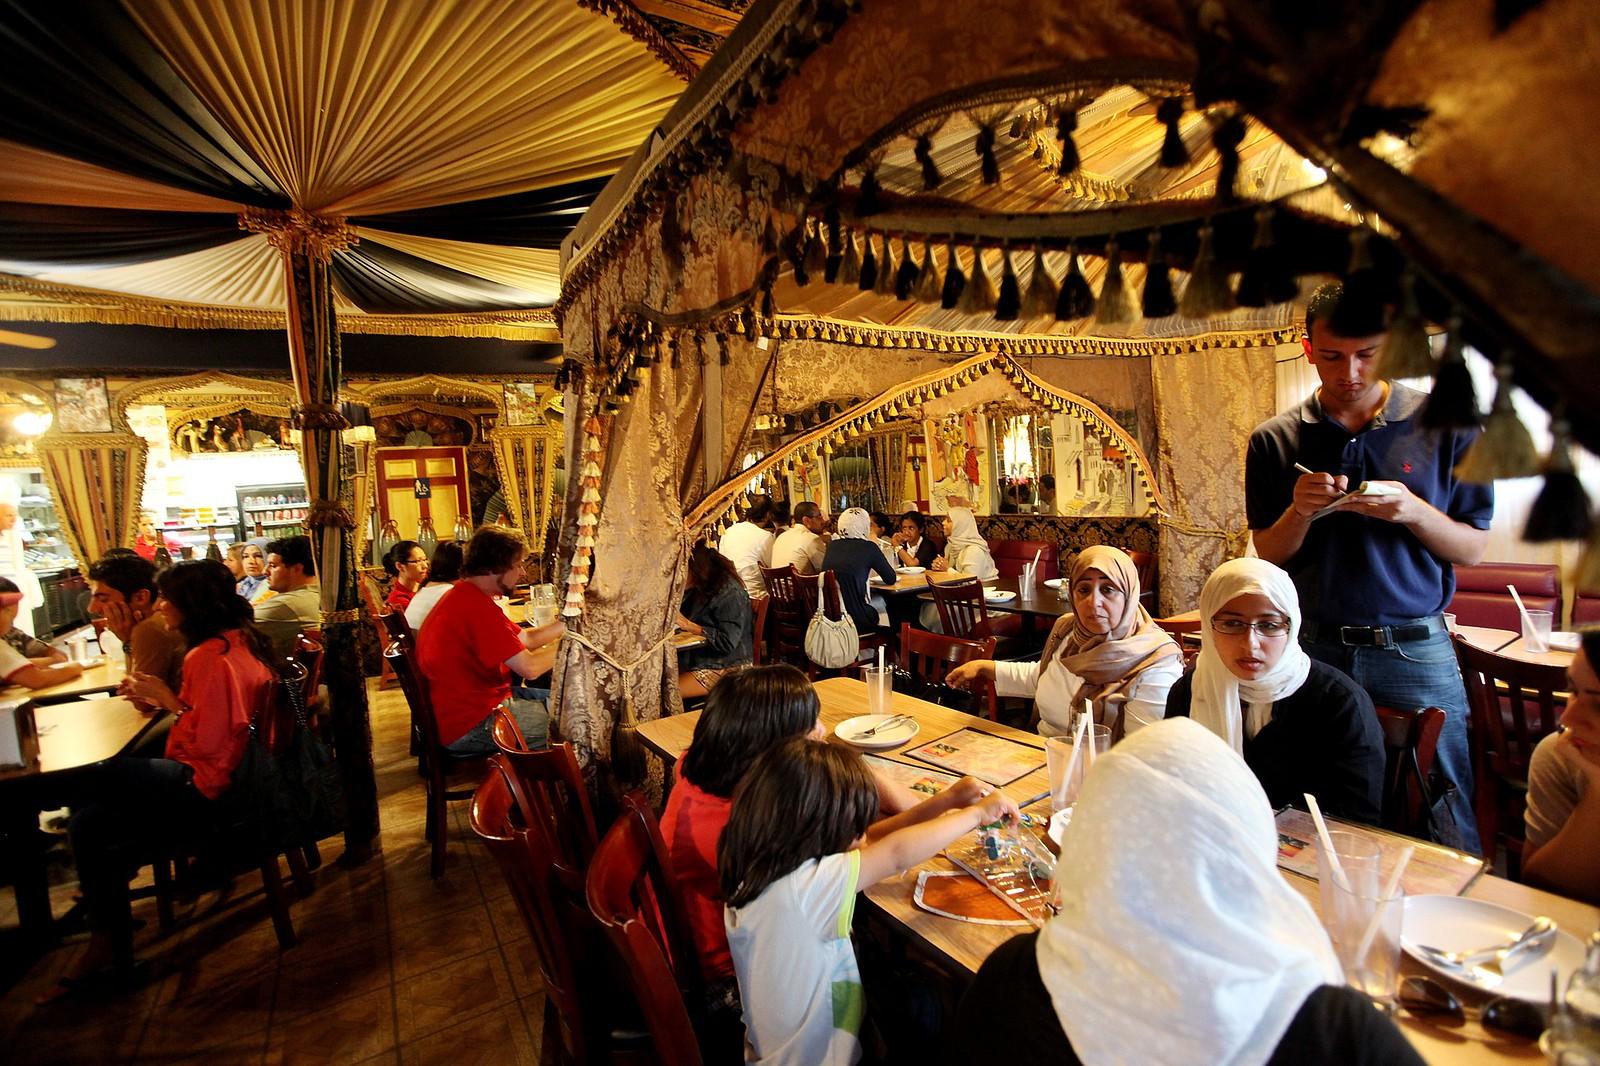 Iftar at the Ali Baba Restaurant